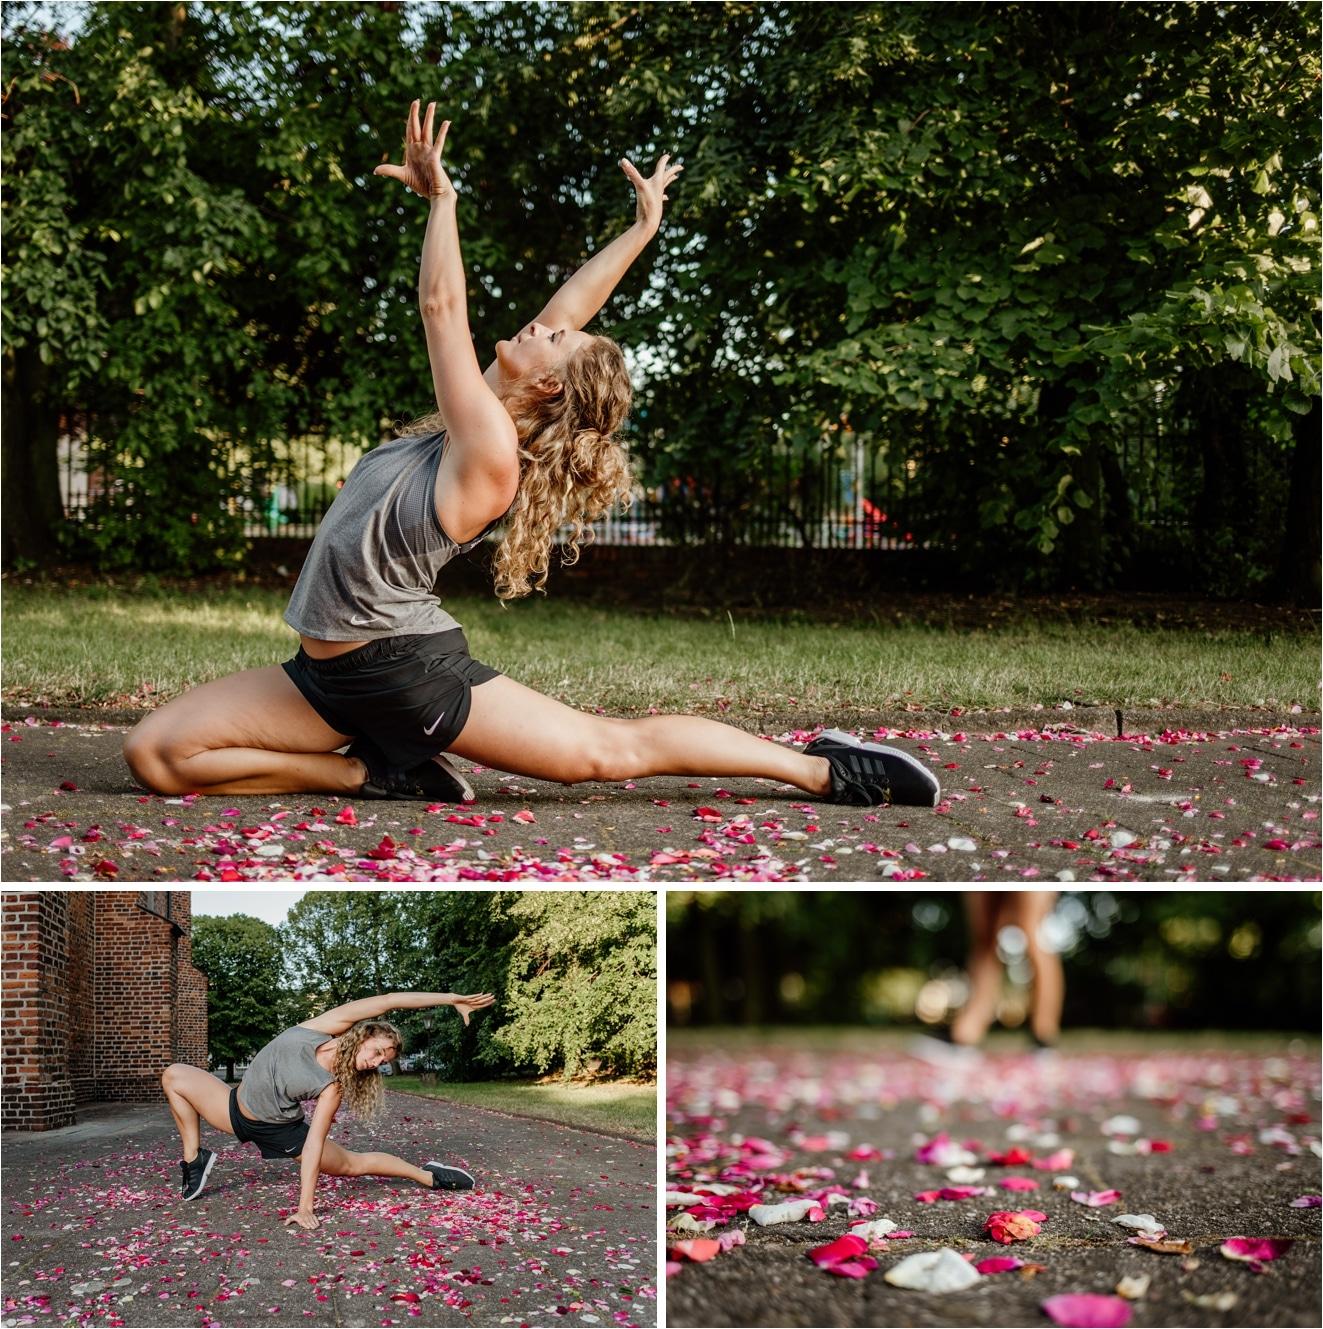 sesja wizerunkowa,z bliska, fotografia naturlana, fotografia lifestyle, gimnastyka artystyczna,